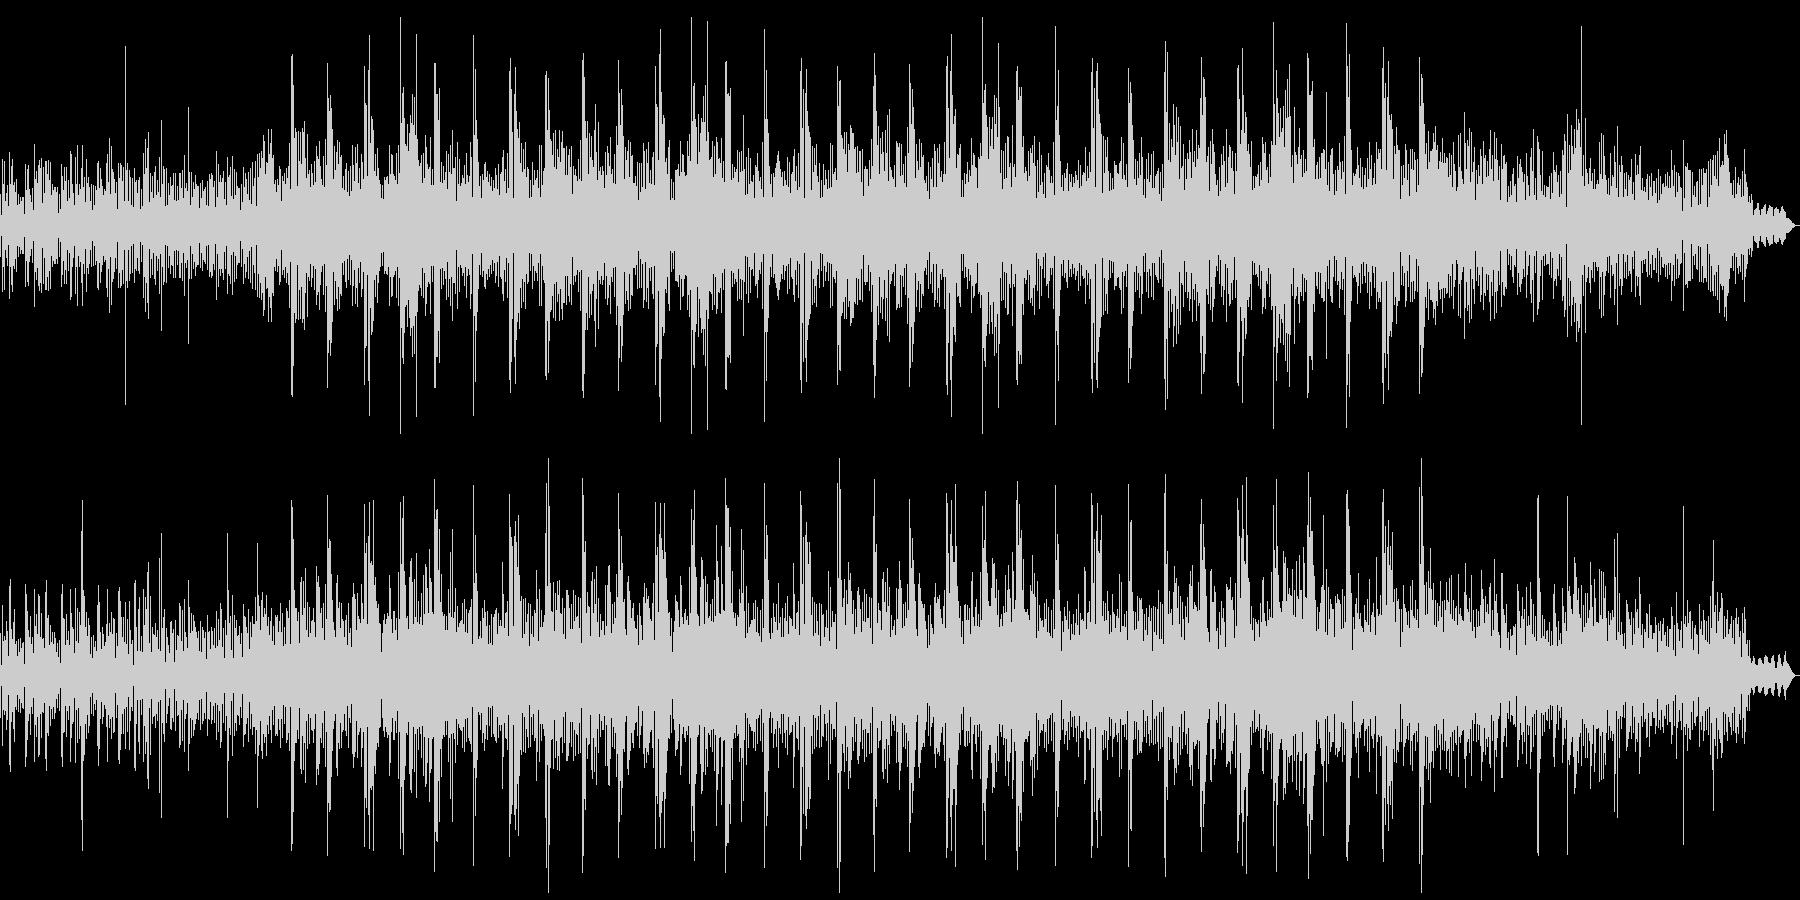 神秘的な映像に合うエレクトロニカの未再生の波形